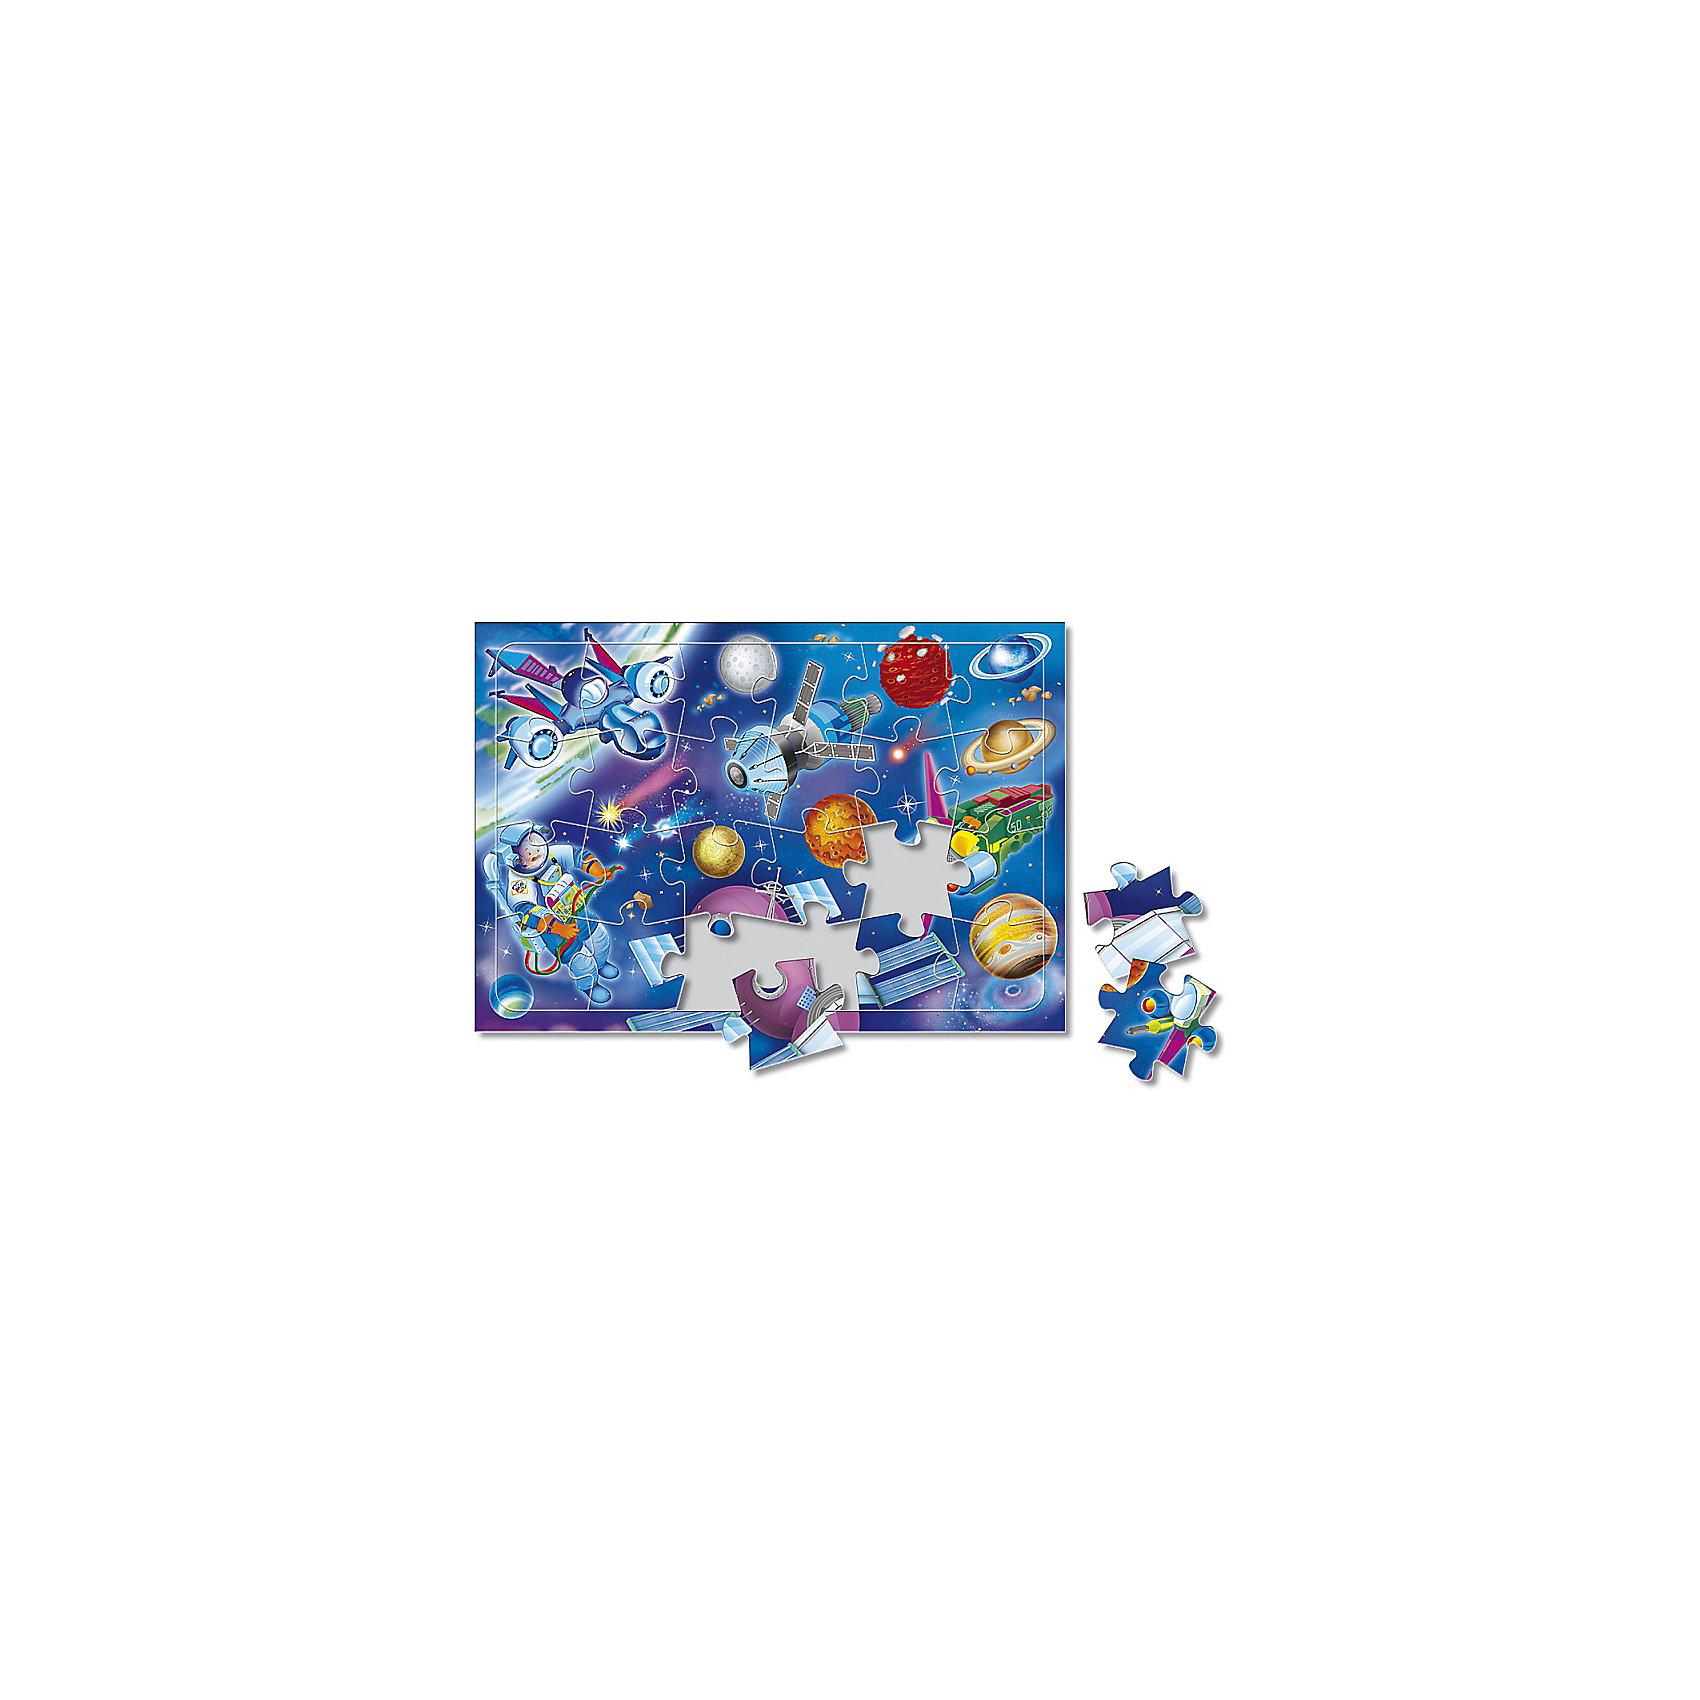 Пазл листовой на подложке В космосе, 24 деталиКлассические пазлы<br>Характеристики товара:<br><br>• возраст от 3 лет;<br>• материал: картон;<br>• в комплекте: 24 детали;<br>• размер пазла 20х28,5 см;<br>• размер упаковки 29х20х5 см;<br>• страна производитель: Россия.<br><br>Пазл листовой на подложке «В космосе» ГеоДом позволит малышам весело и познавательно провести время. Малыш не только увлекательно проведет время, но и познакомится с планетами и звездами нашей Вселенной. В процессе сборки пазла у малышей развивается пространственное мышление, моторика рук, внимательность.<br><br>Пазл листовой на подложке «В космосе» ГеоДом можно приобрести в нашем интернет-магазине.<br><br>Ширина мм: 290<br>Глубина мм: 200<br>Высота мм: 50<br>Вес г: 132<br>Возраст от месяцев: 36<br>Возраст до месяцев: 2147483647<br>Пол: Унисекс<br>Возраст: Детский<br>SKU: 5518187